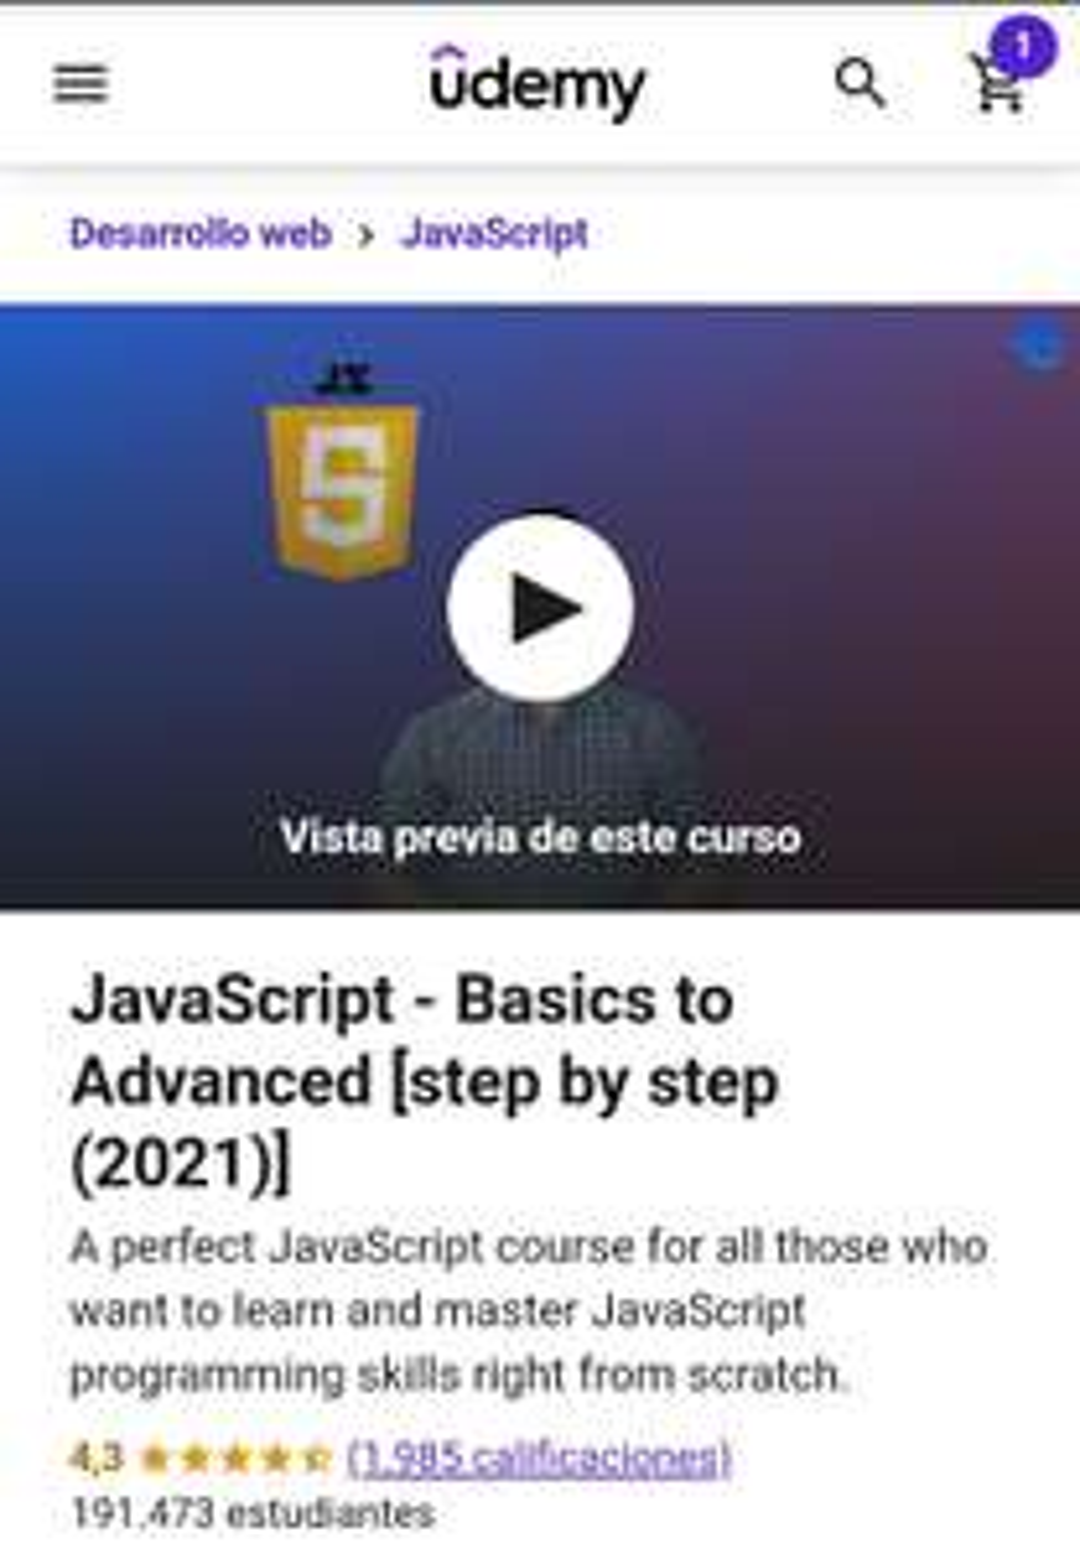 Udemy, curso de JavaScript de básico a avanzado con cupón 100% de descuento.